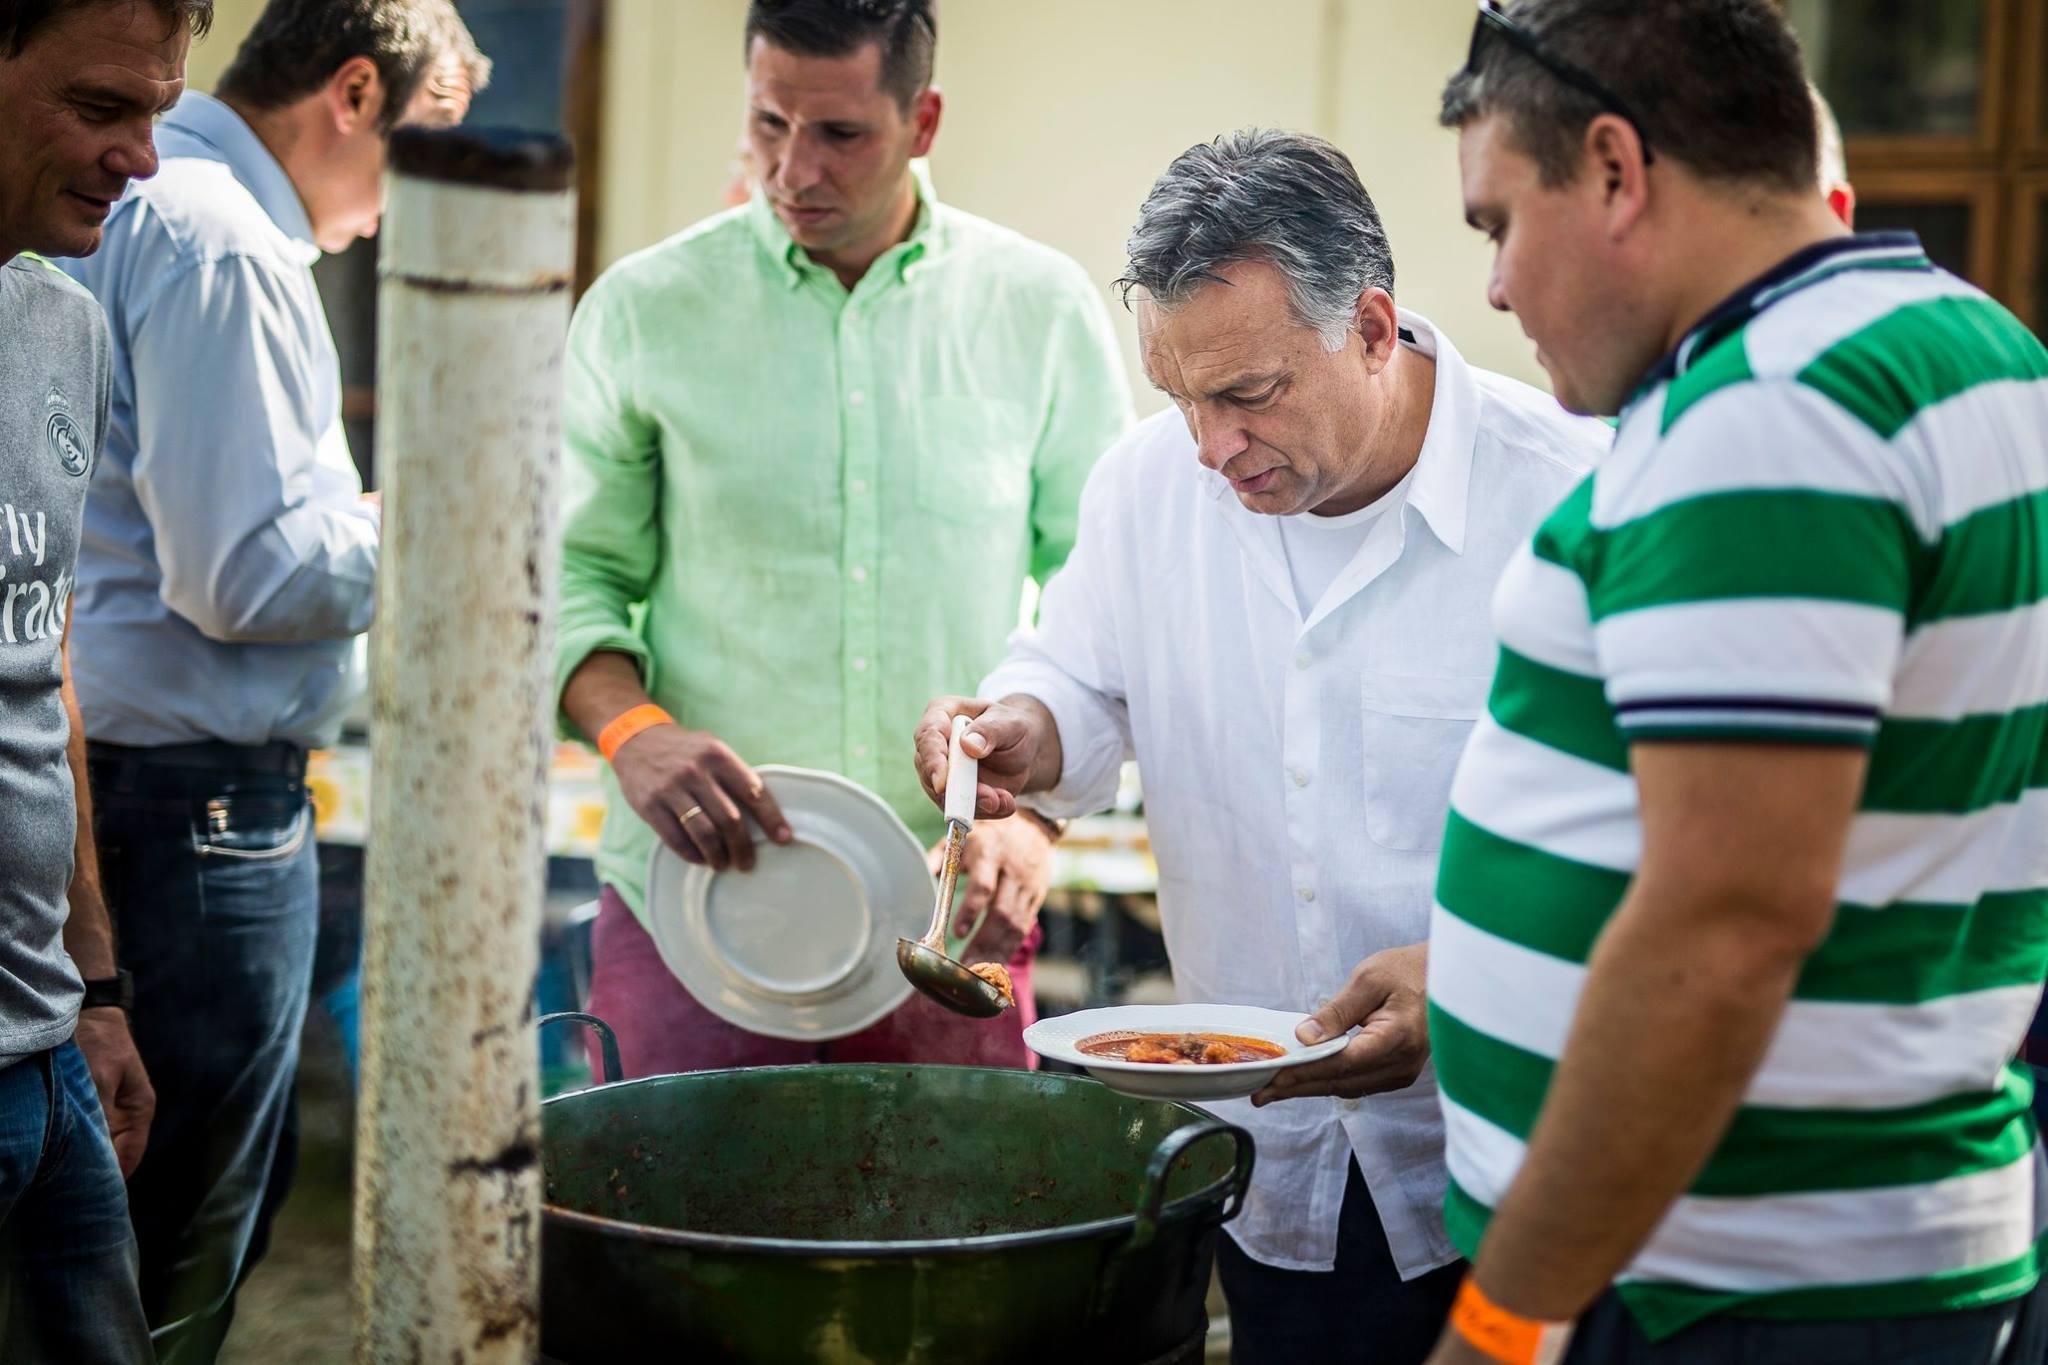 Ma Orbán Viktornak meg kell ennie, amit Németh Szilárd főzött